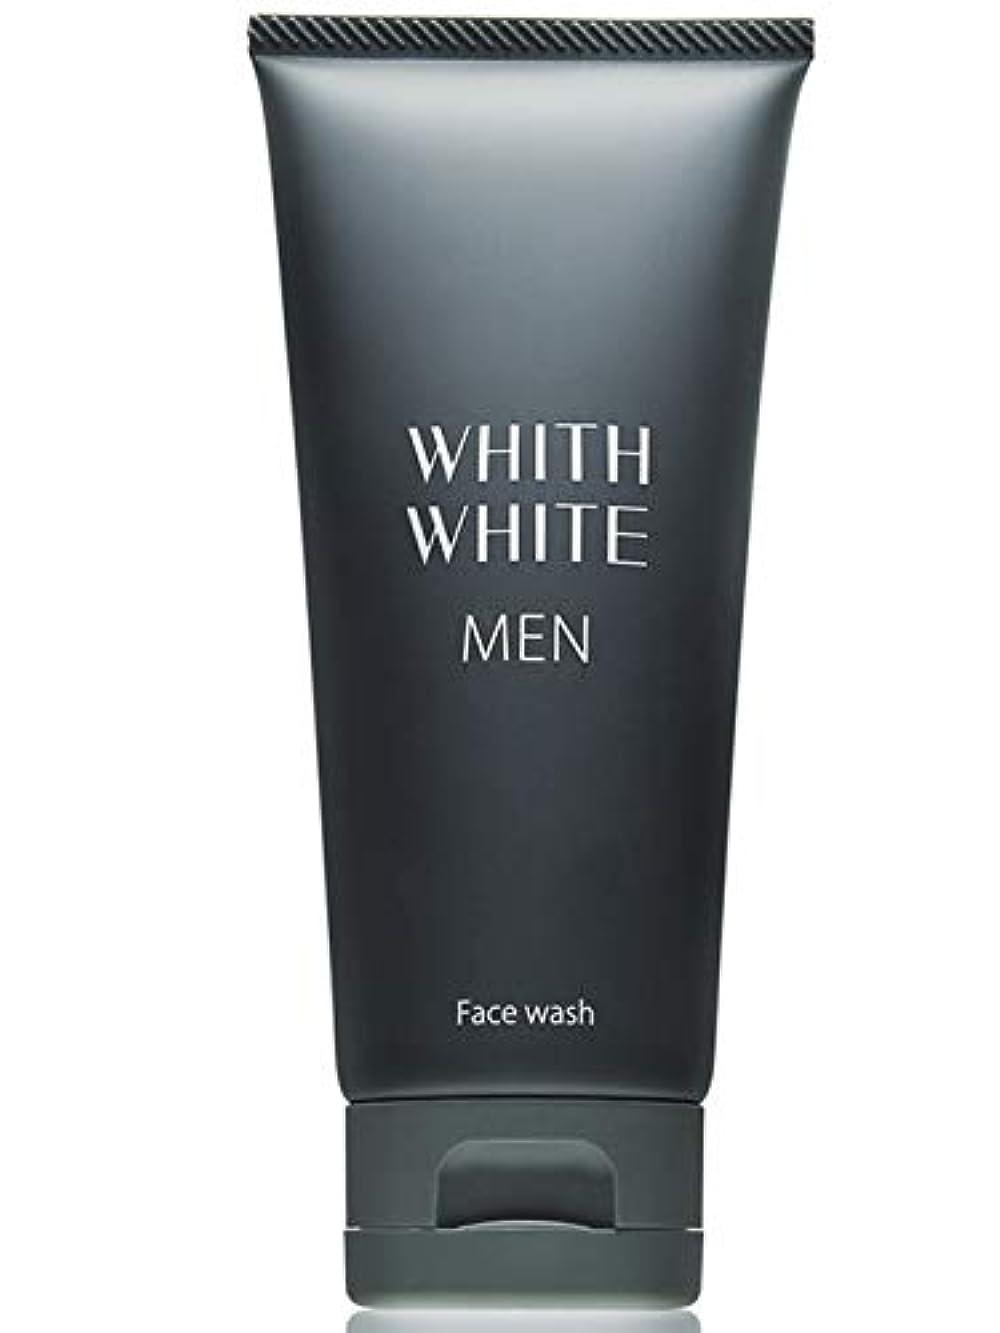 言語遠い中間洗顔 メンズ 医薬部外品 【 男 の しみ くすみ 対策 】 フィス ホワイト 「 30代~50代の 男性 専用 洗顔フォーム 」「 保湿 ヒアルロン酸 配合 洗顔料 」(男性用 スキンケア 化粧品 )95g